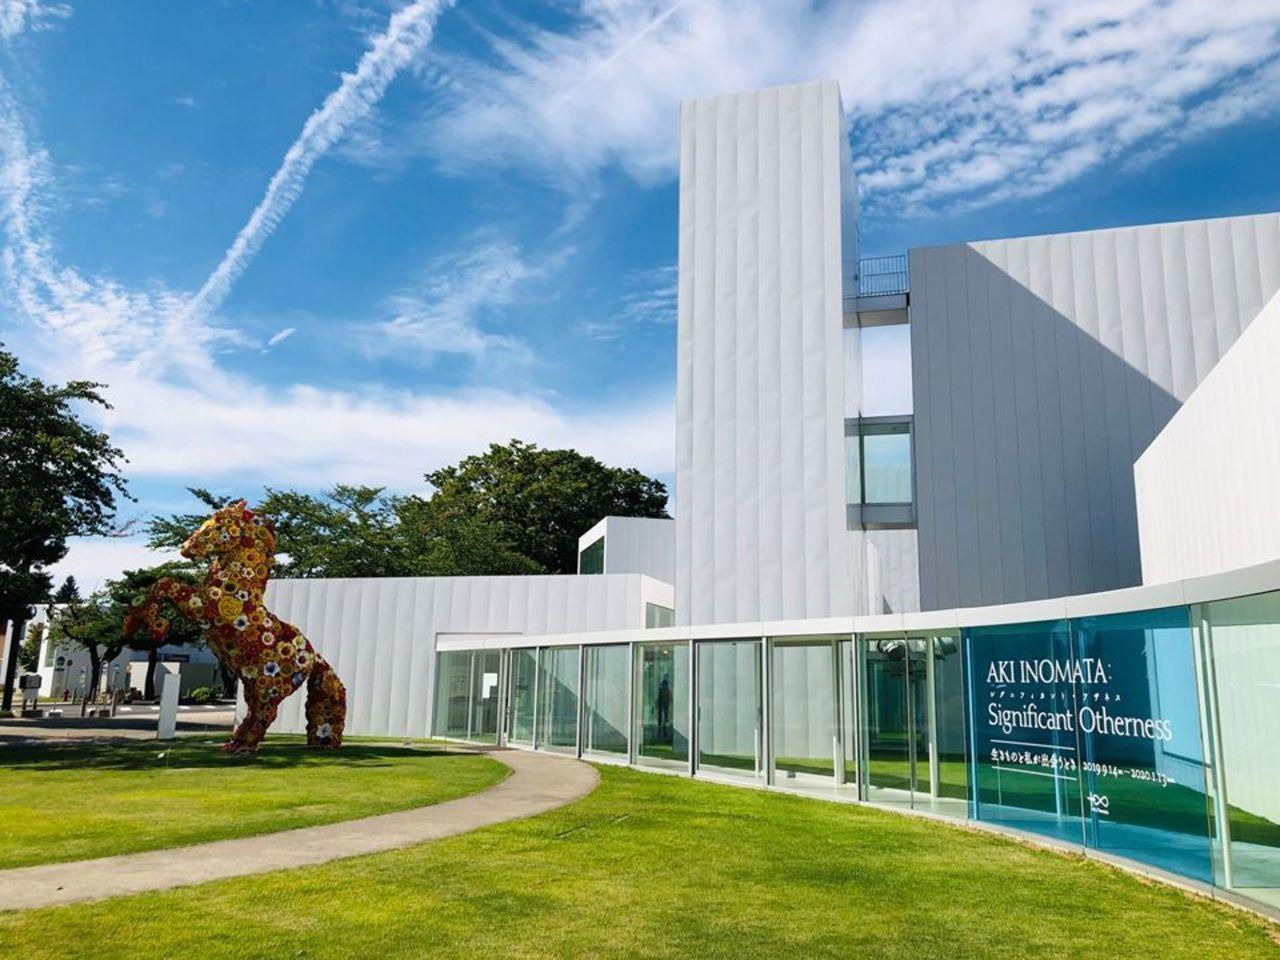 アーツ・トワダの拠点施設...青森県十和田市西二番町の「十和田市現代美術館」